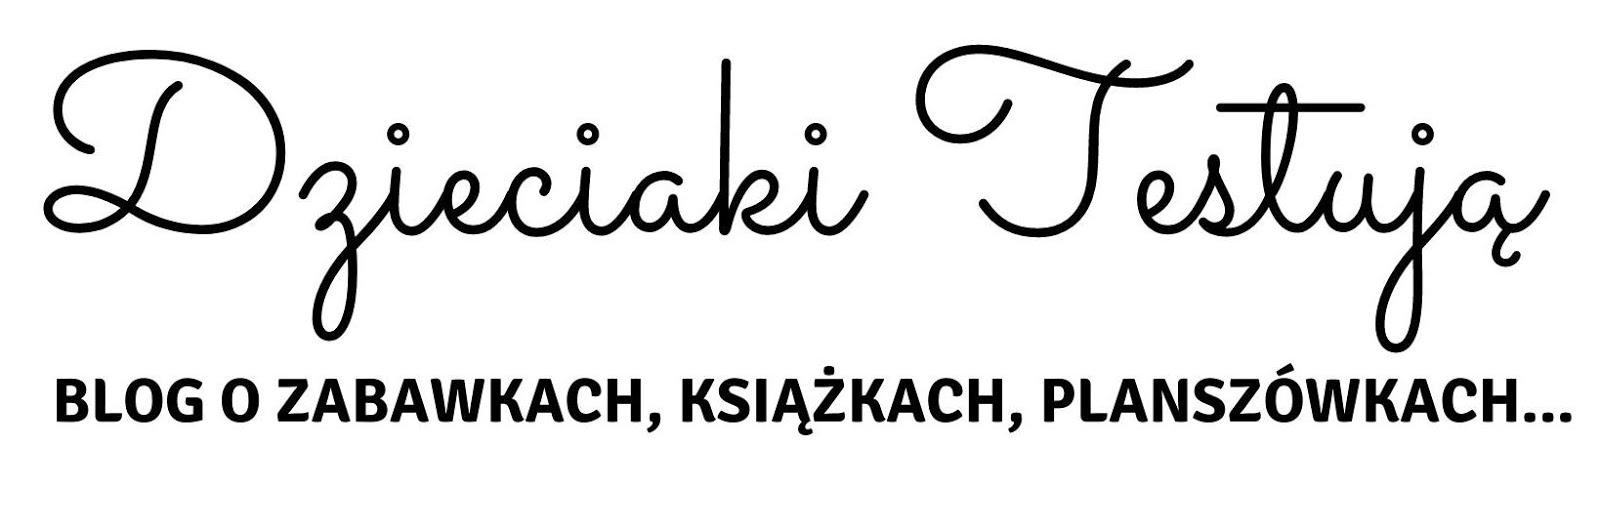 Dzieciaki-Testuja.pl - najfajniejsze zabawki, najciekawsze książki i gry